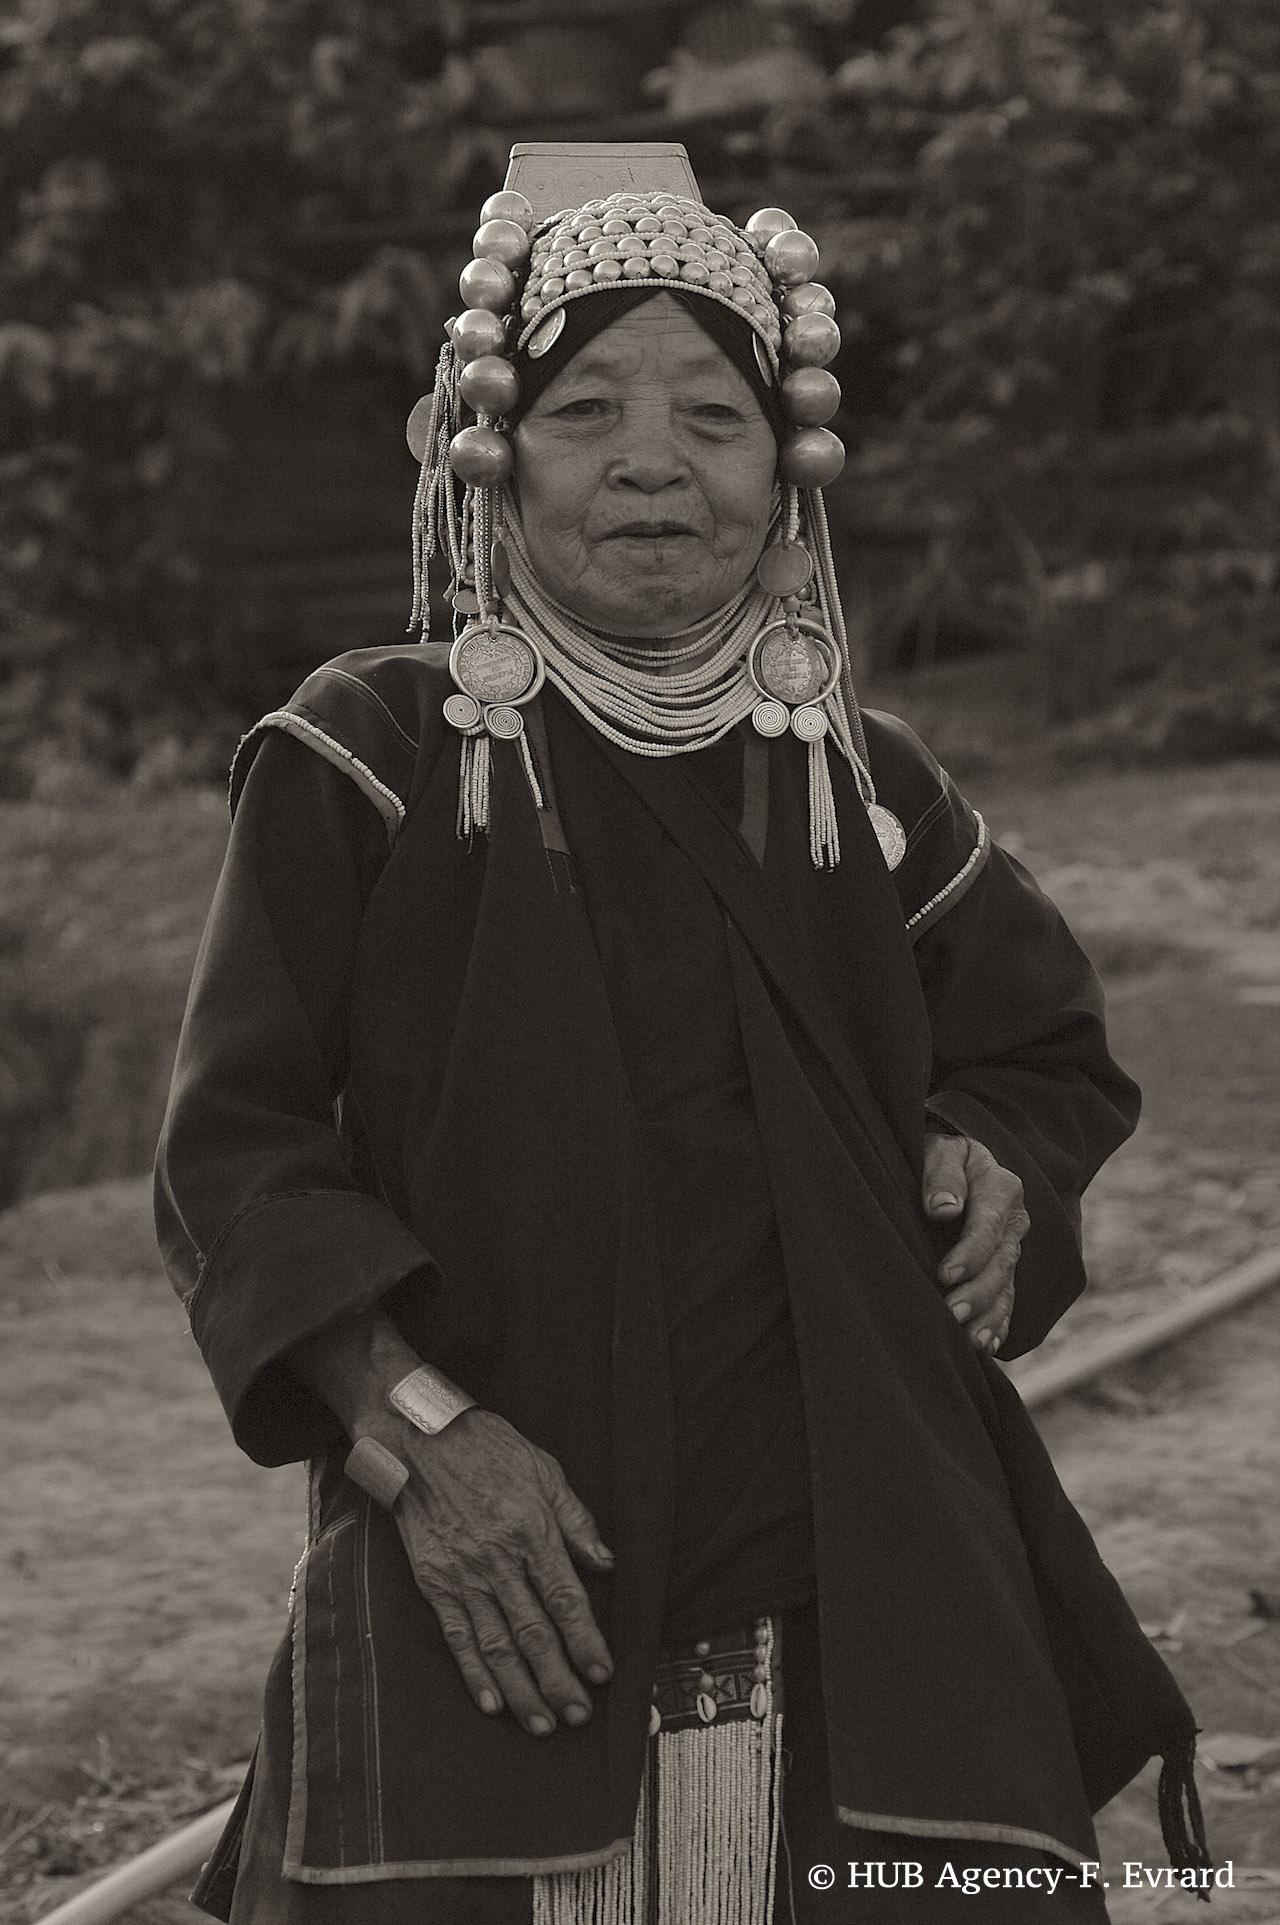 Villageoise d'origine birmane